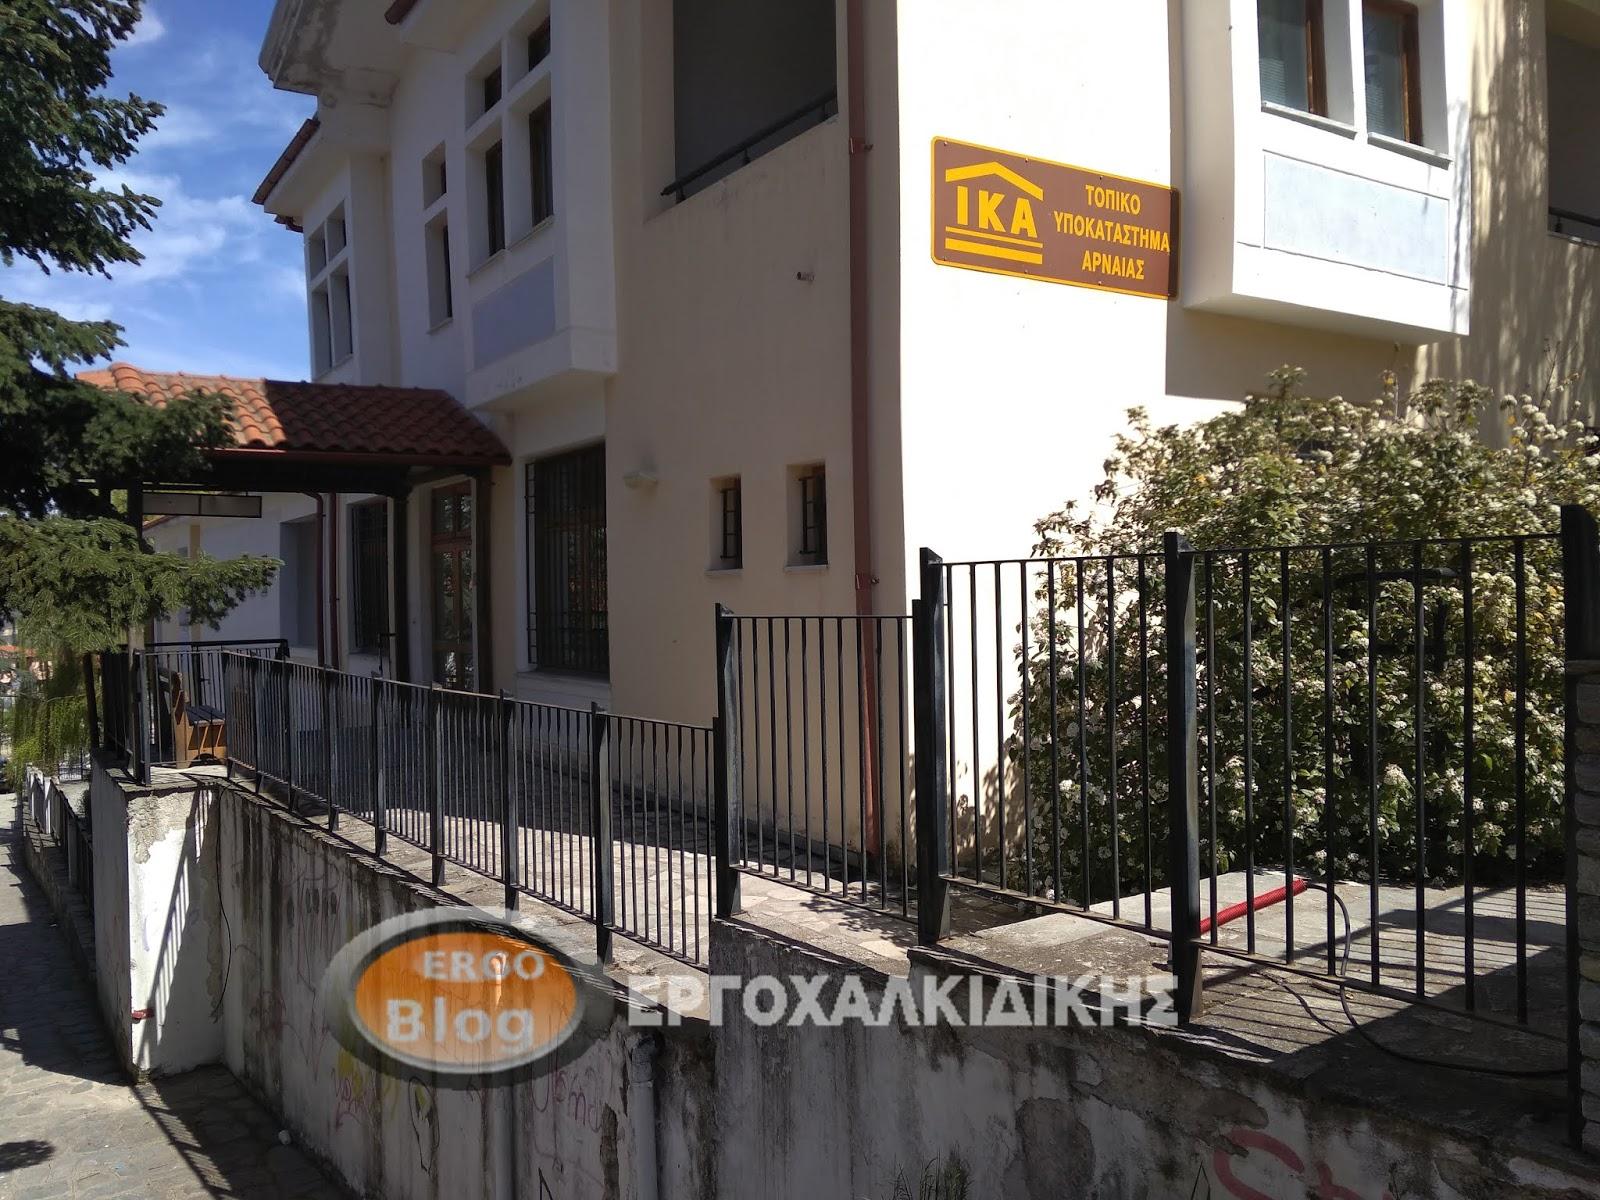 Μίσθωση του κτηρίου του ΙΚΑ  στο Δήμο Αριστοτέλη.